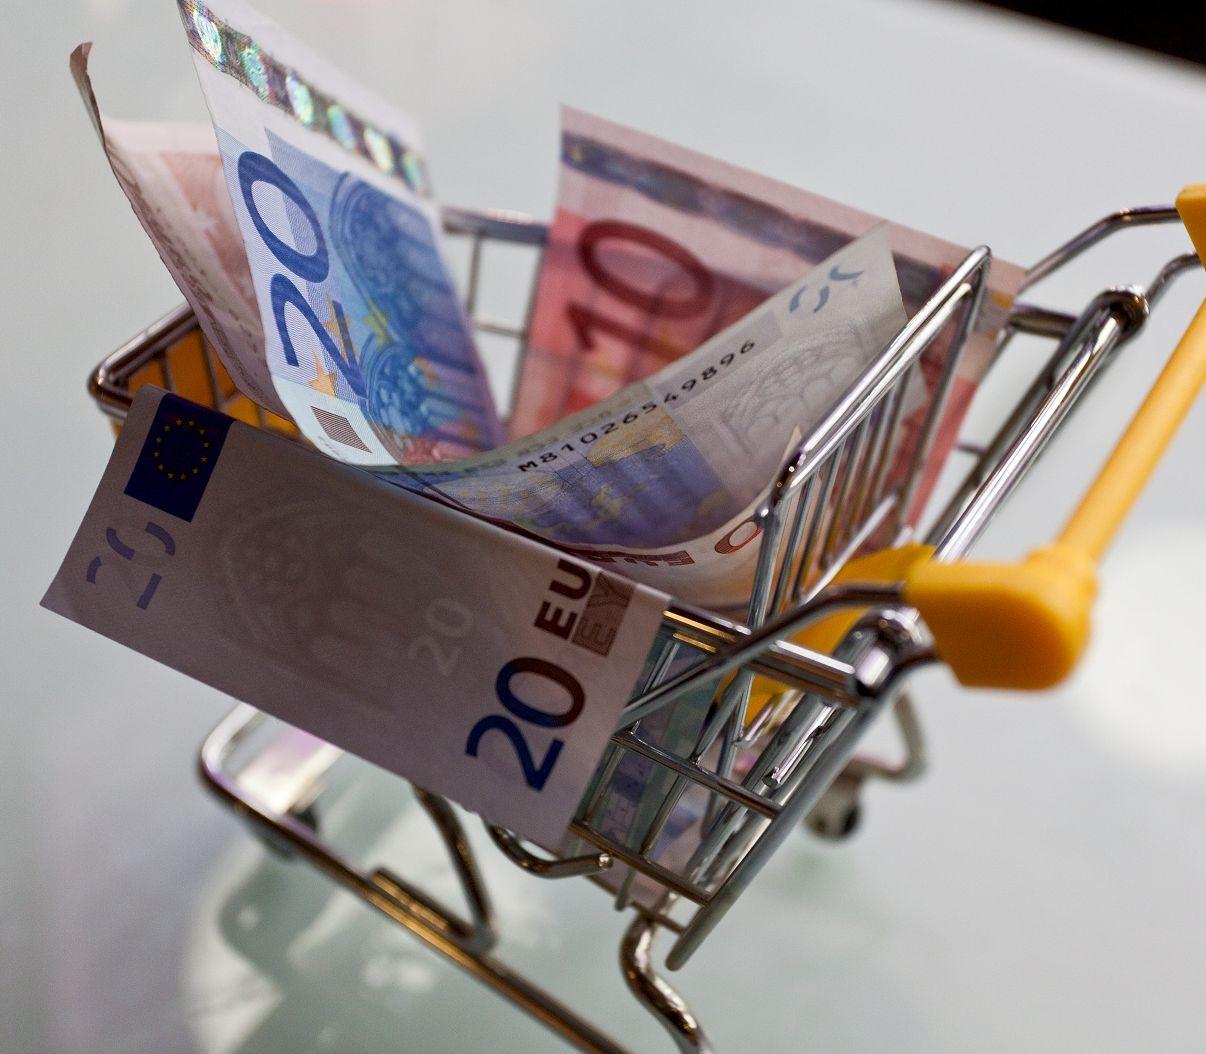 Je vhodné sa zákazníka pýtať na rozpočet?